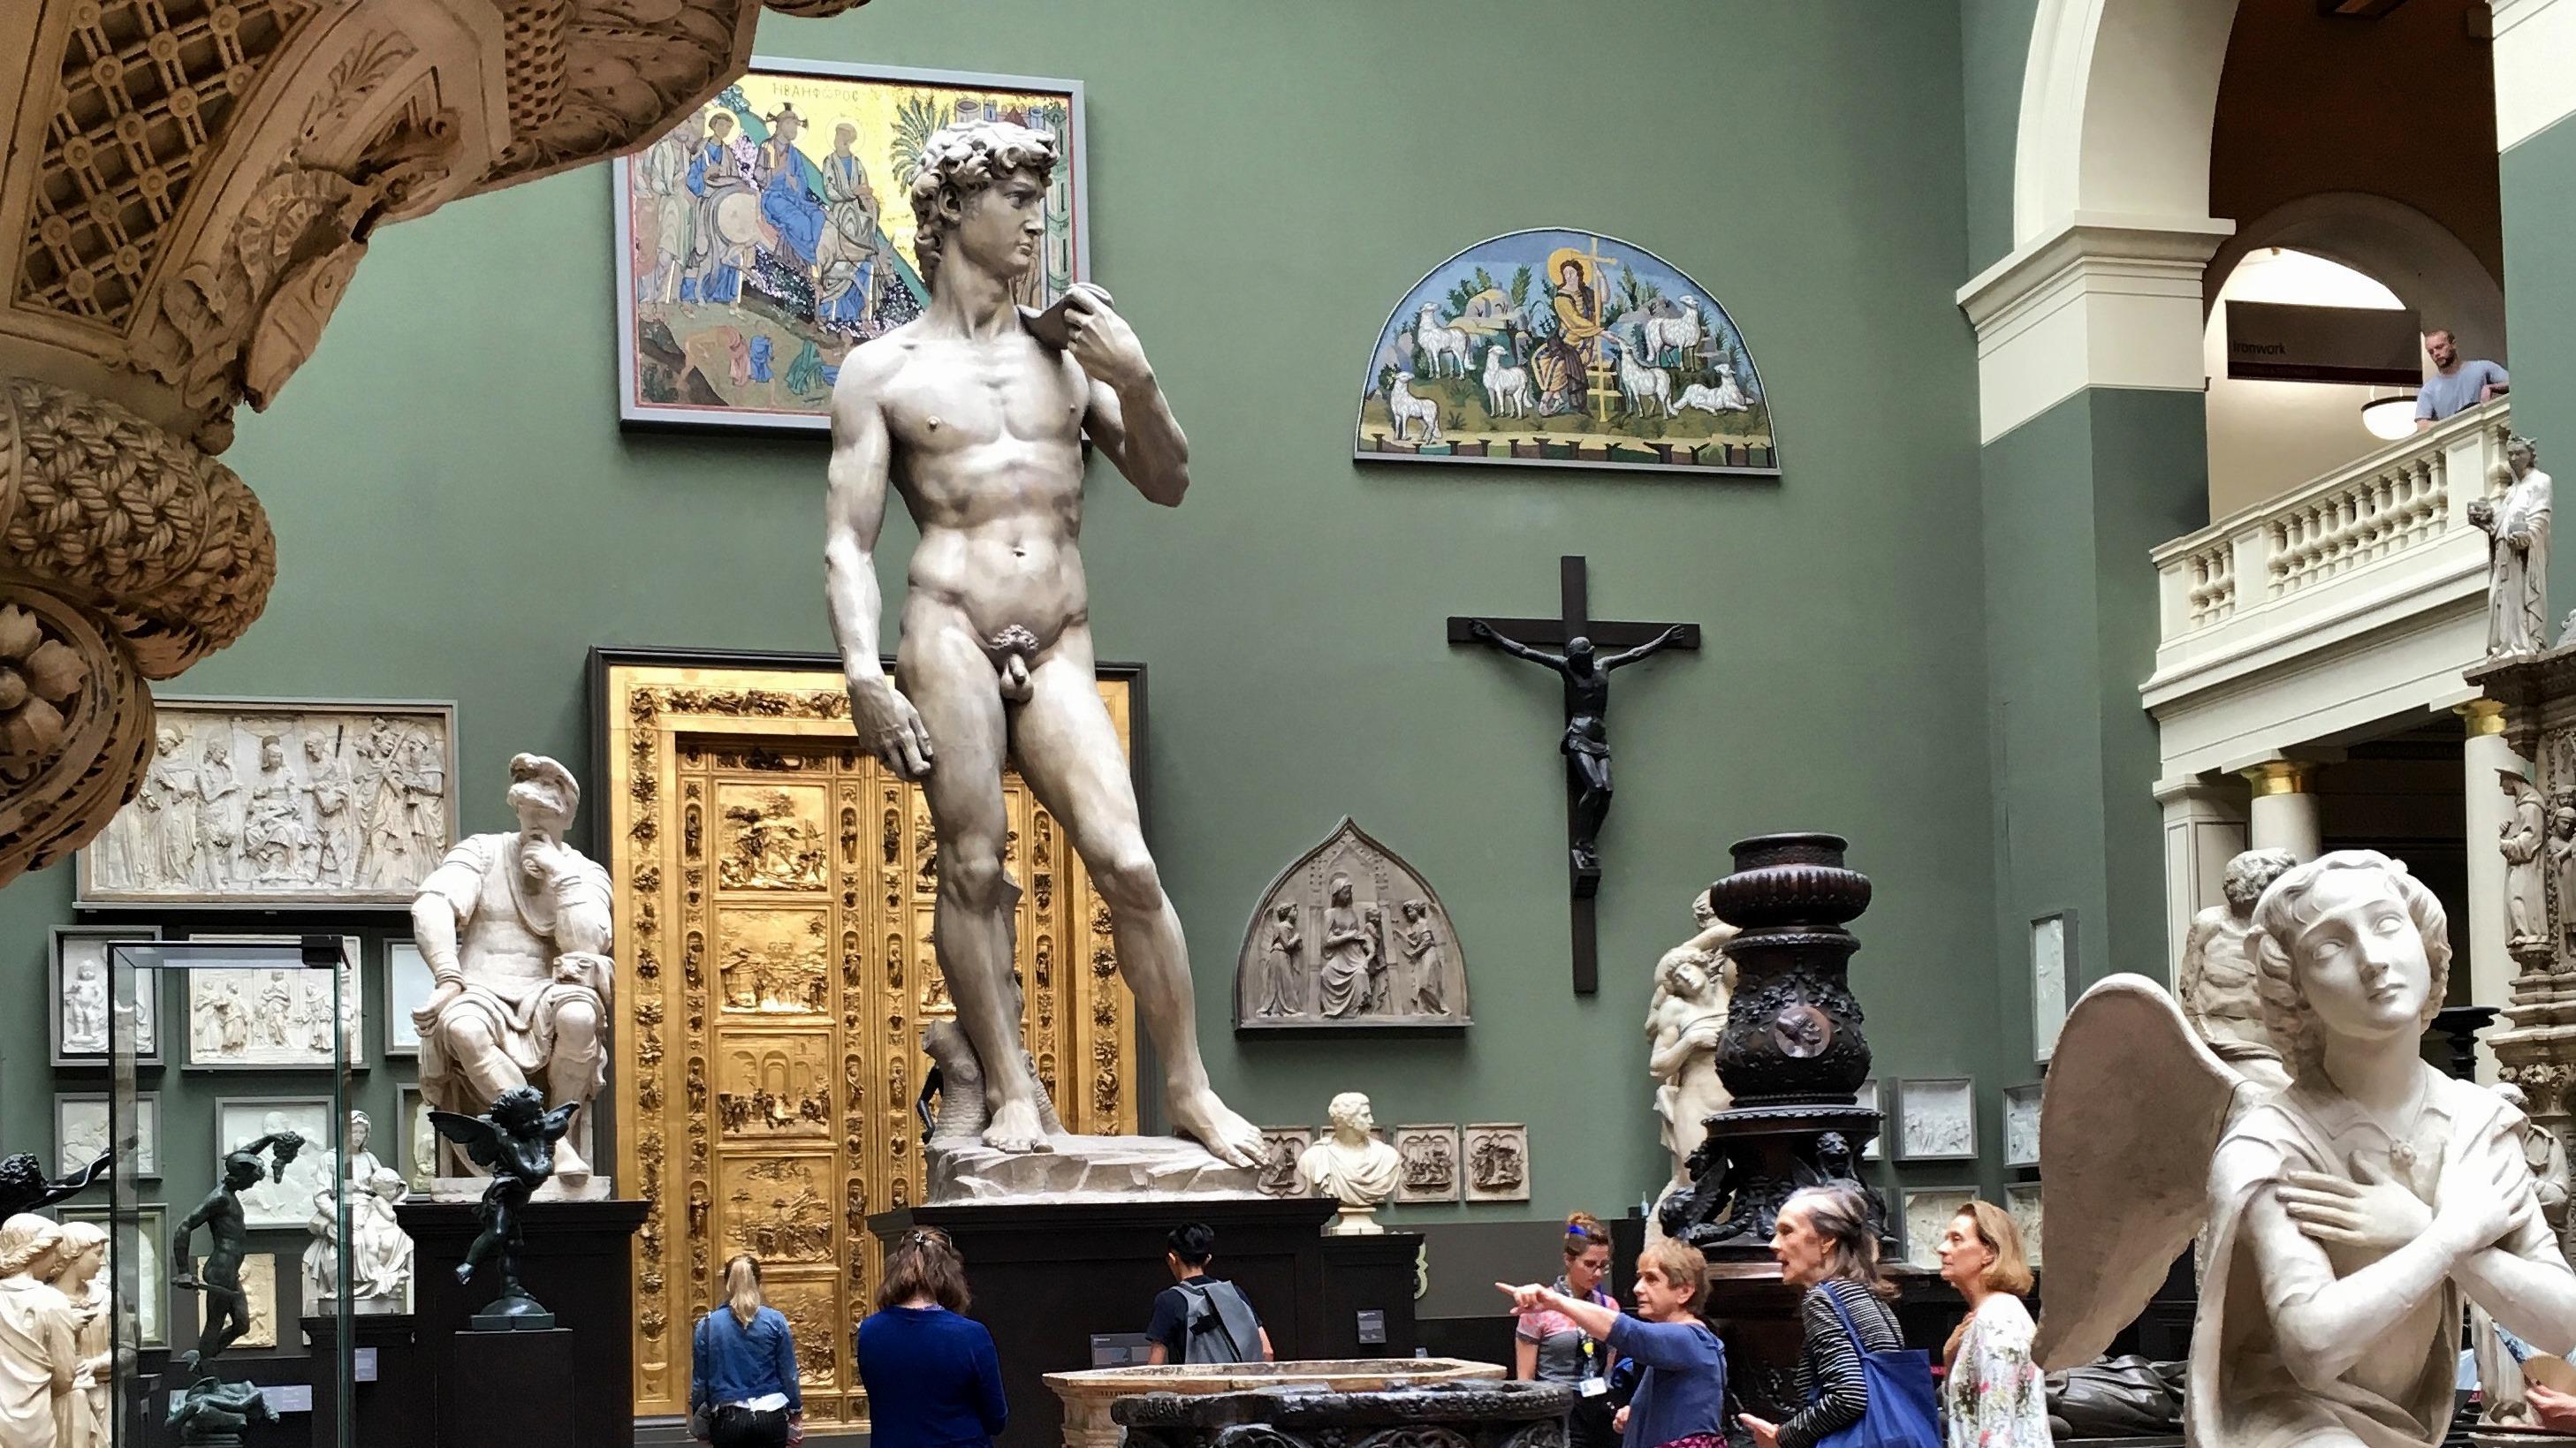 London Art & Culture Group